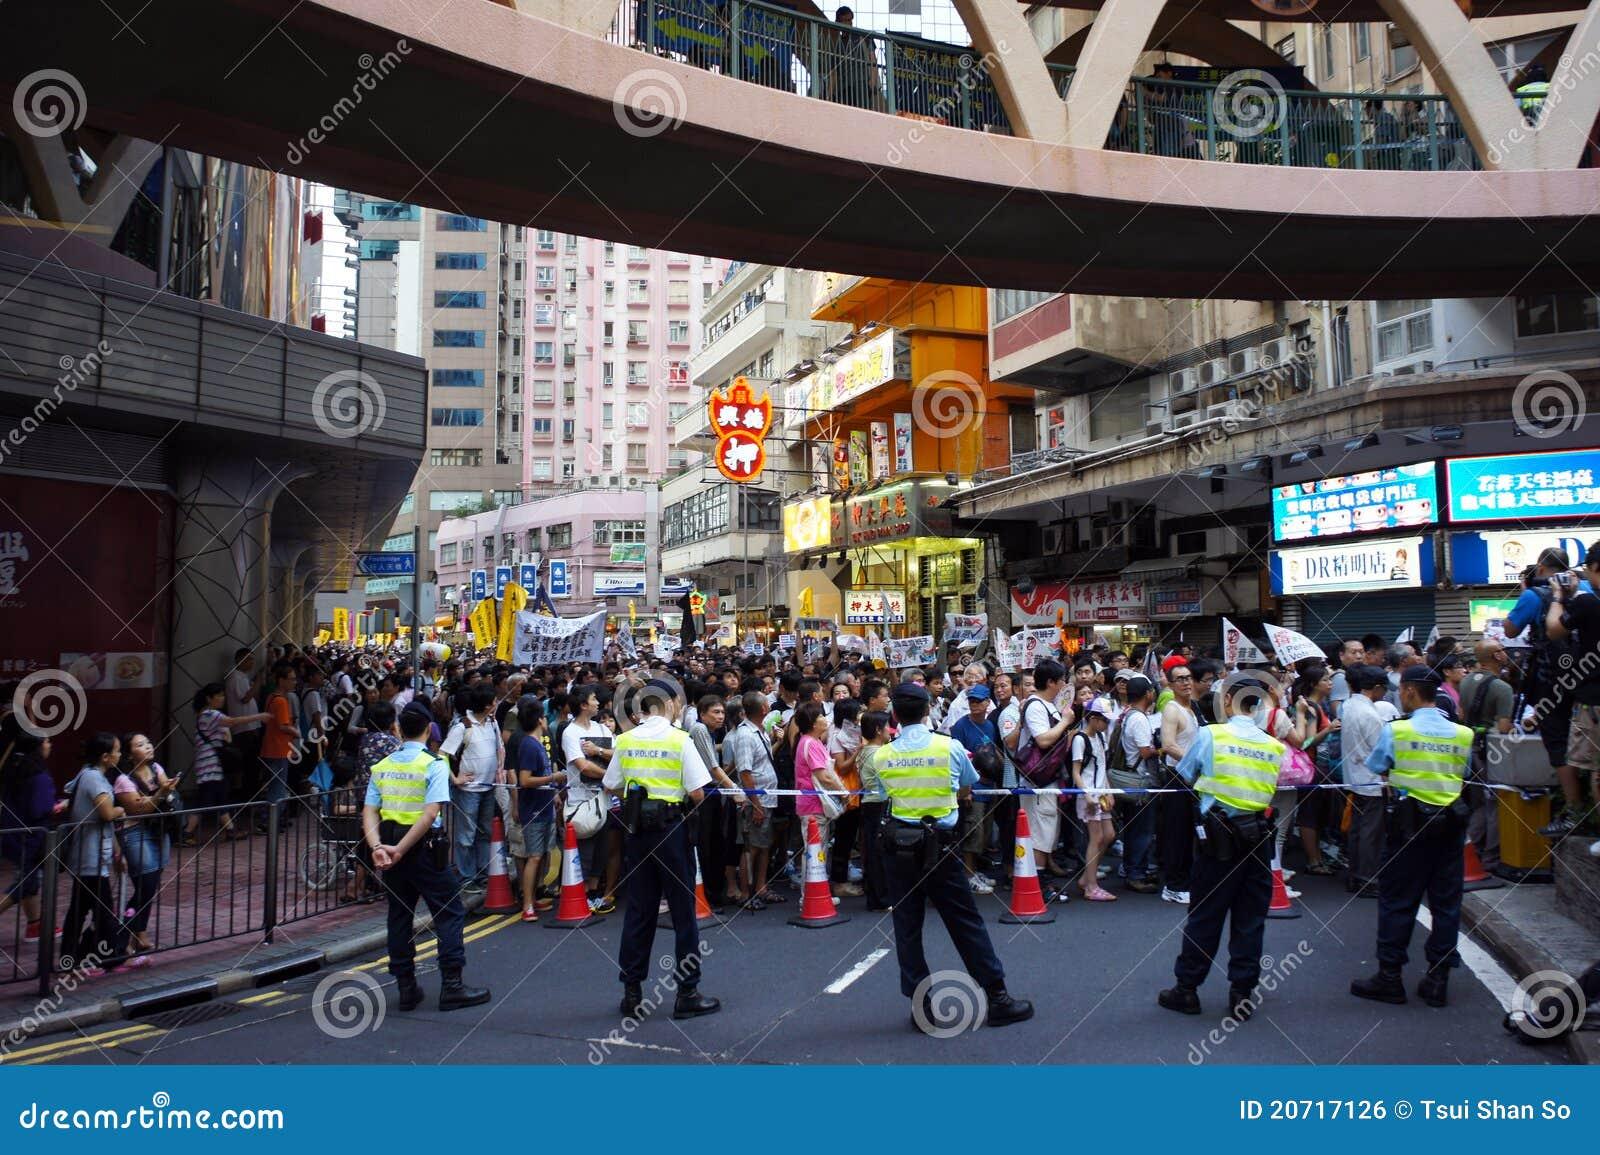 Hong Kong 1 July Marches edito...